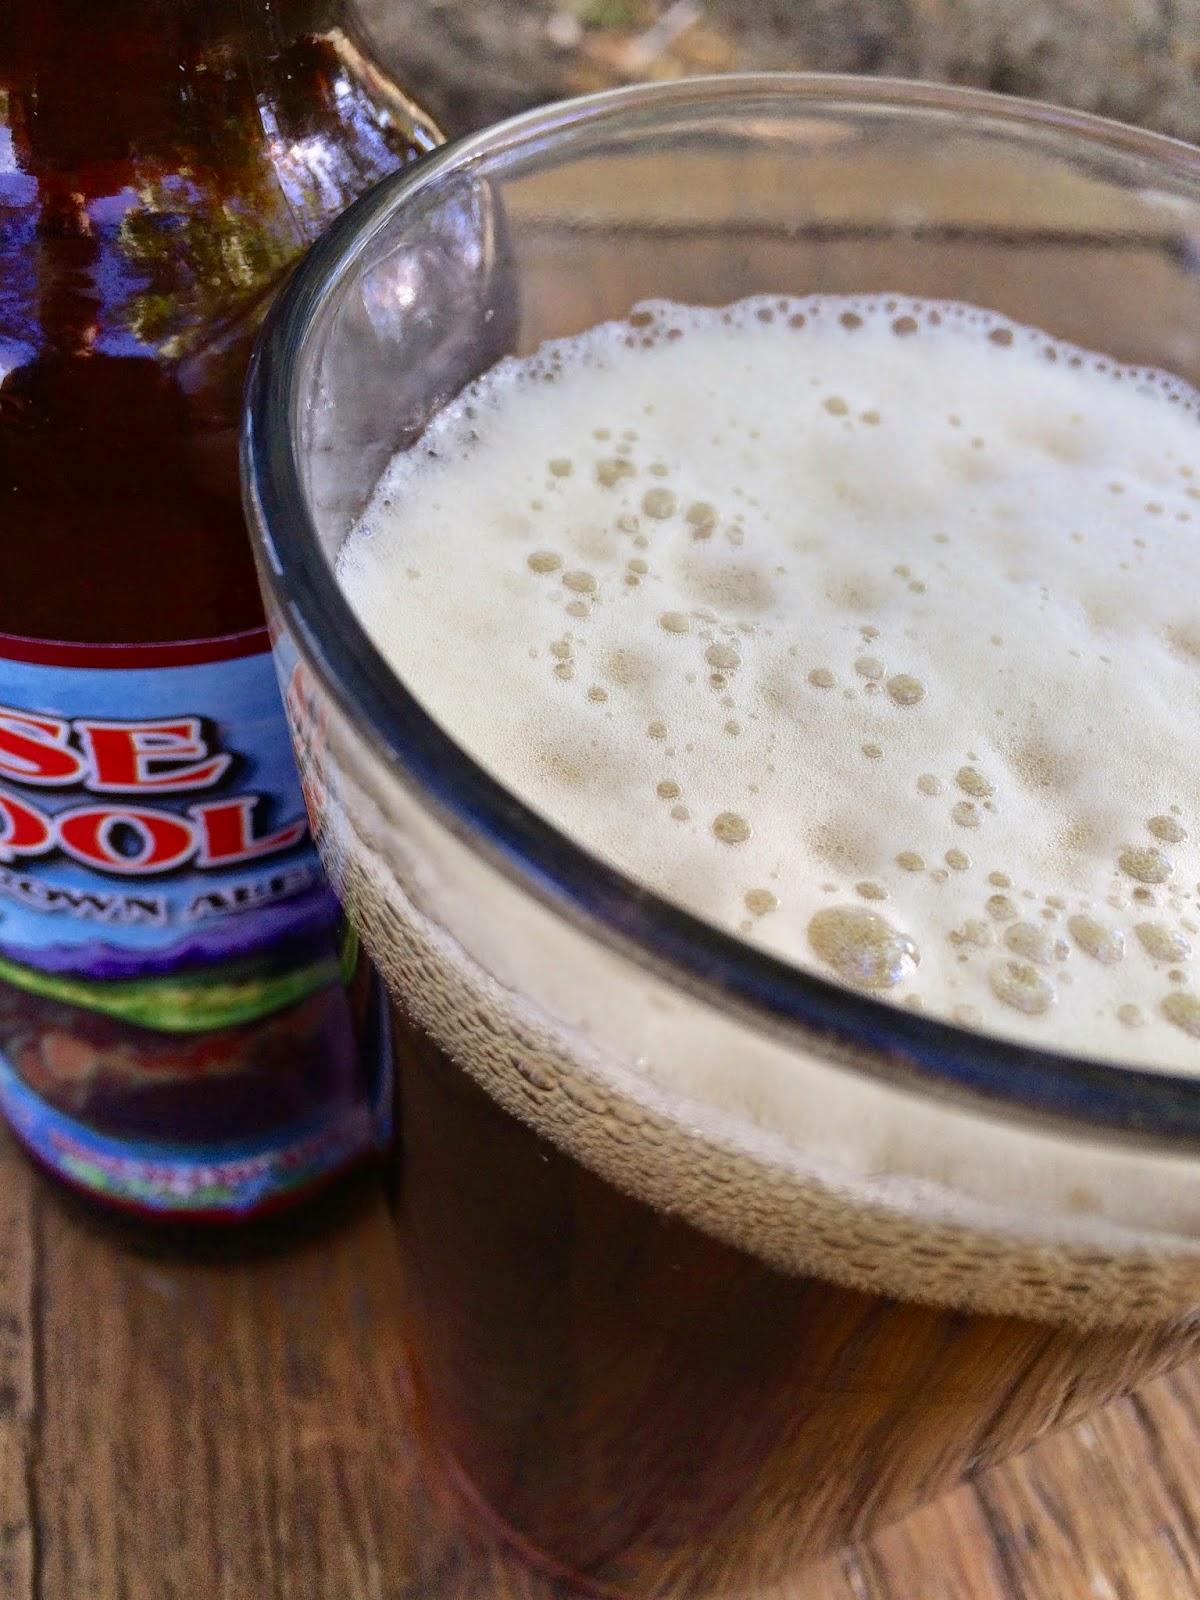 Moose Drool brown ale 2